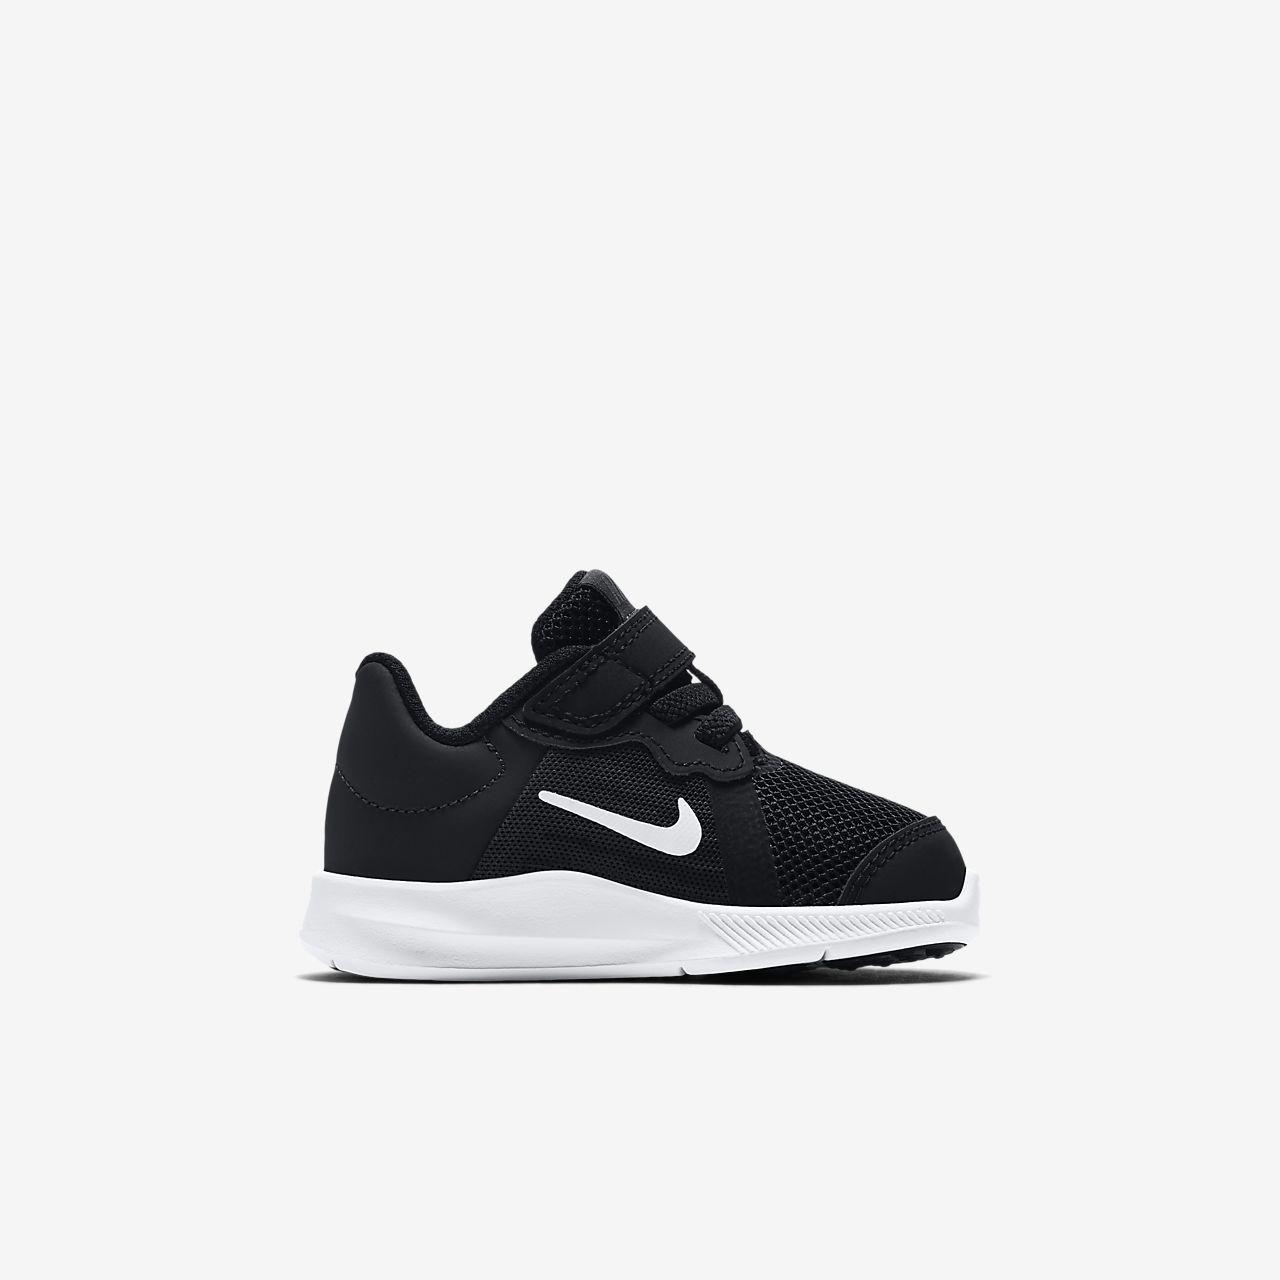 39dc8fbc17 Nike Downshifter 8 Baby   Toddler Shoe. Nike.com DK